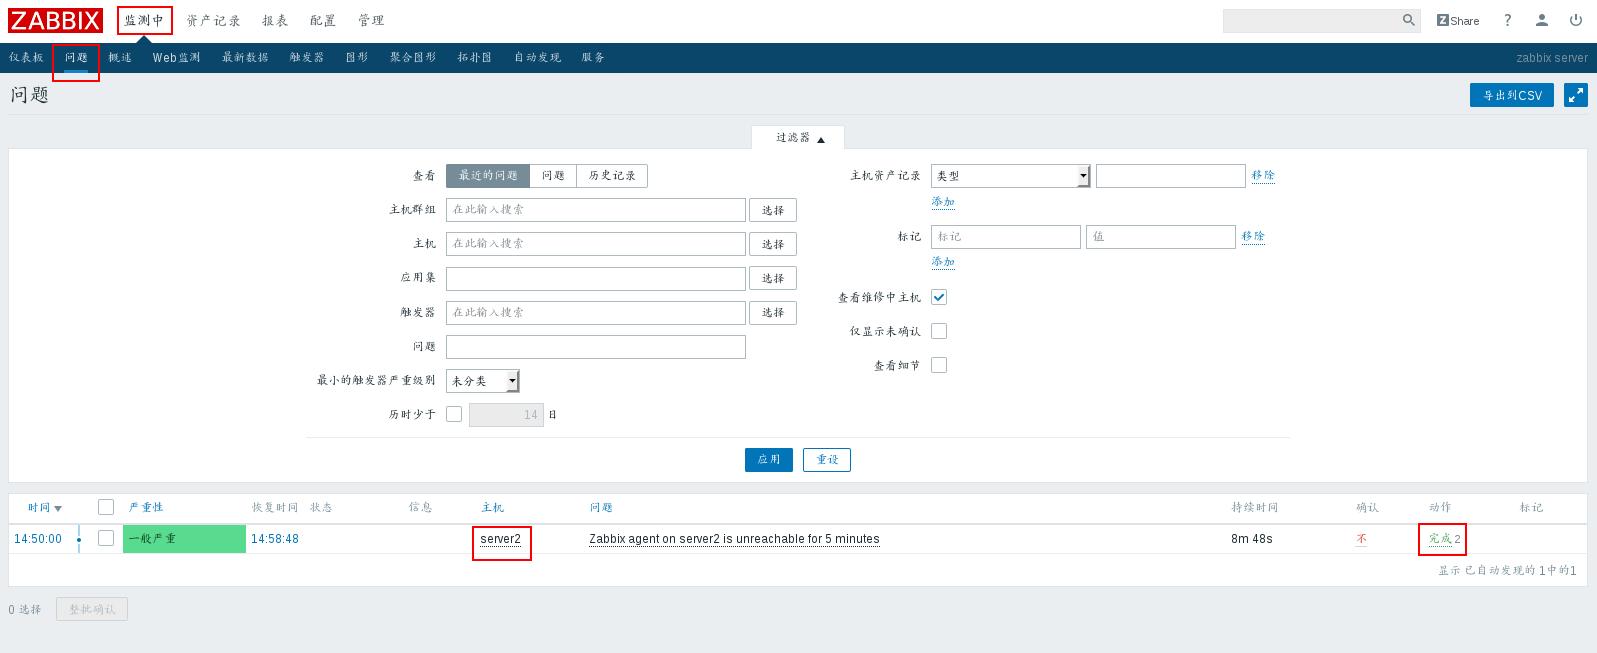 Zabbix monitors nginx status, Zabbix monitors Mysql and